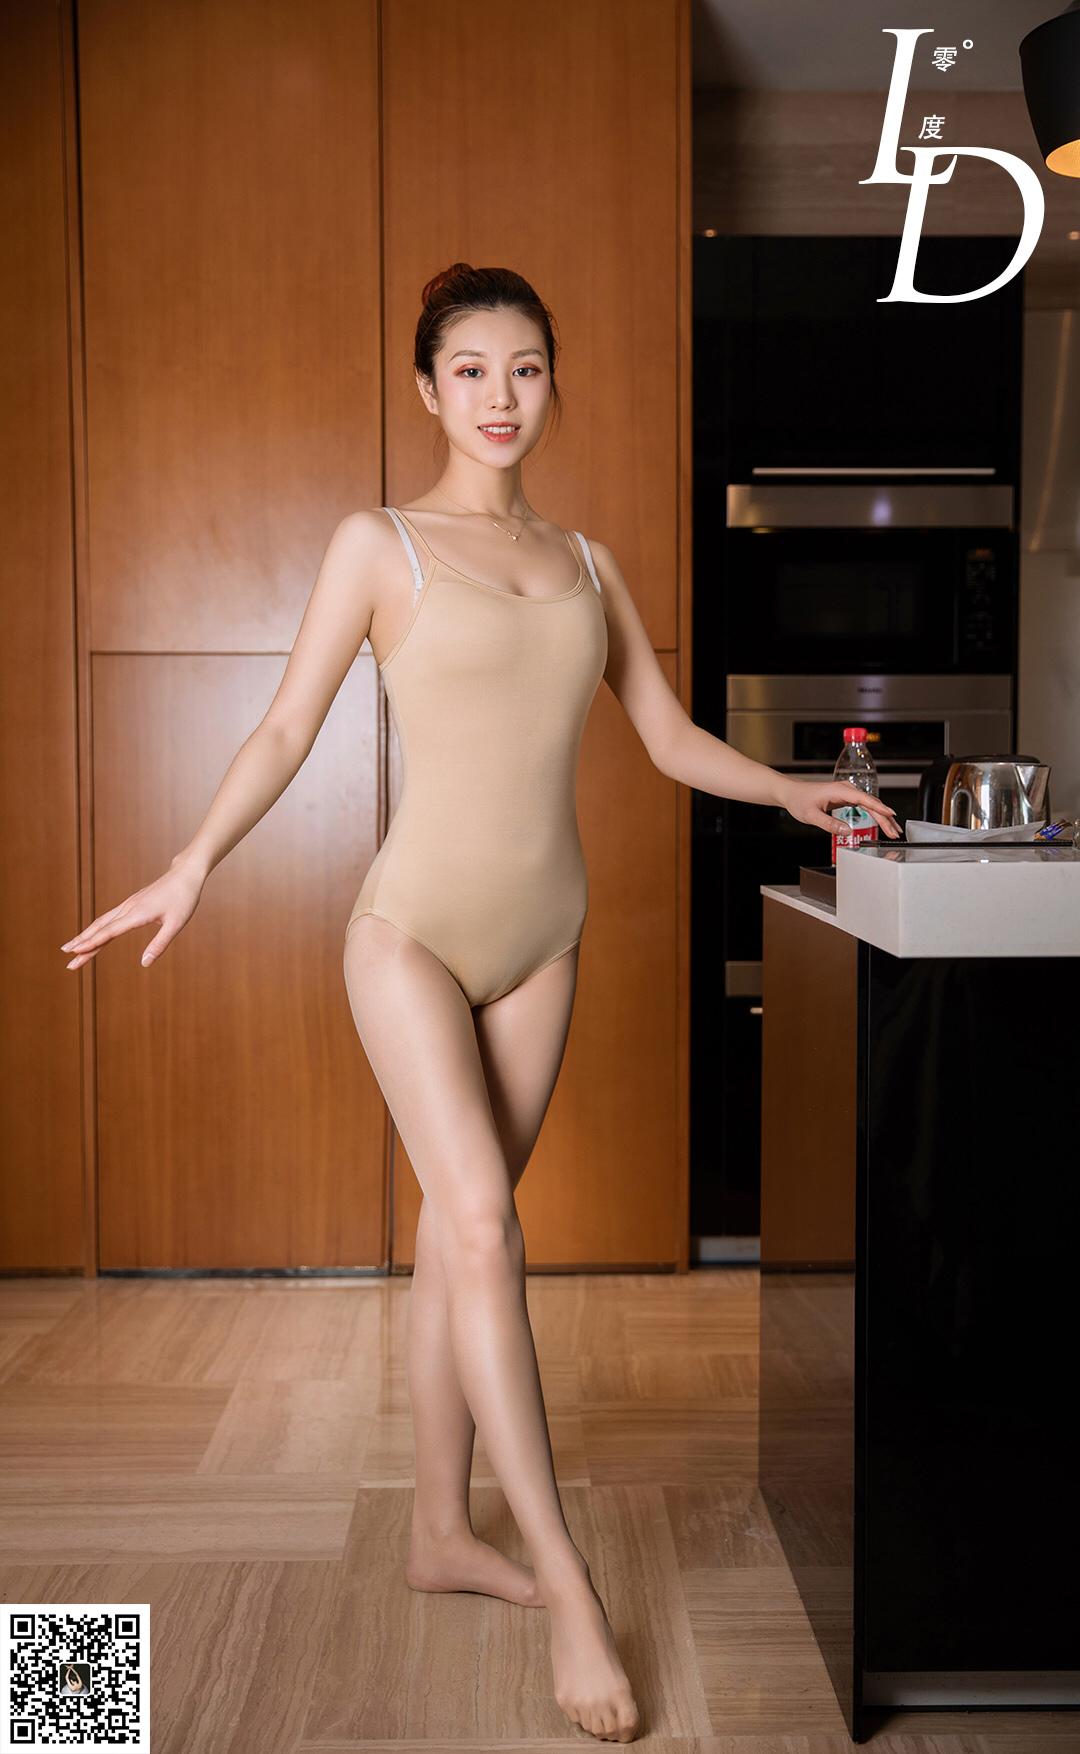 零度摄影 第045期 舞蹈老师心妍插图2